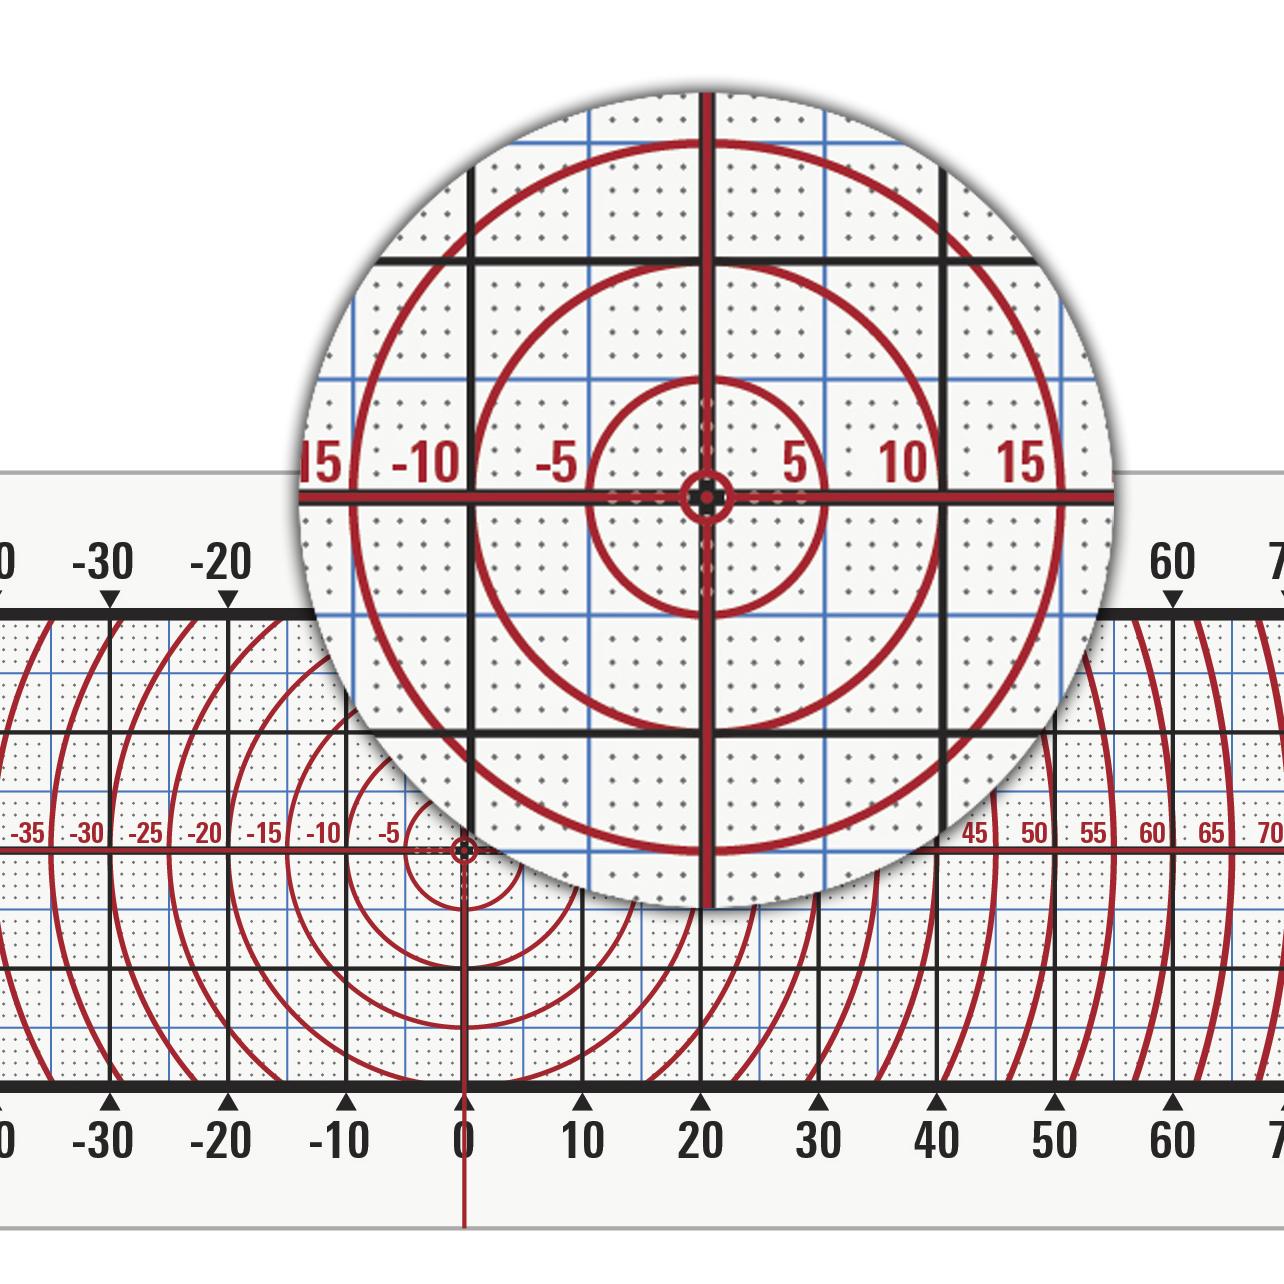 CRACKMON® XL 15040A TickPoints and tri-color Measurement grid improves measurement accuracy across entire 150 x 40 mm range